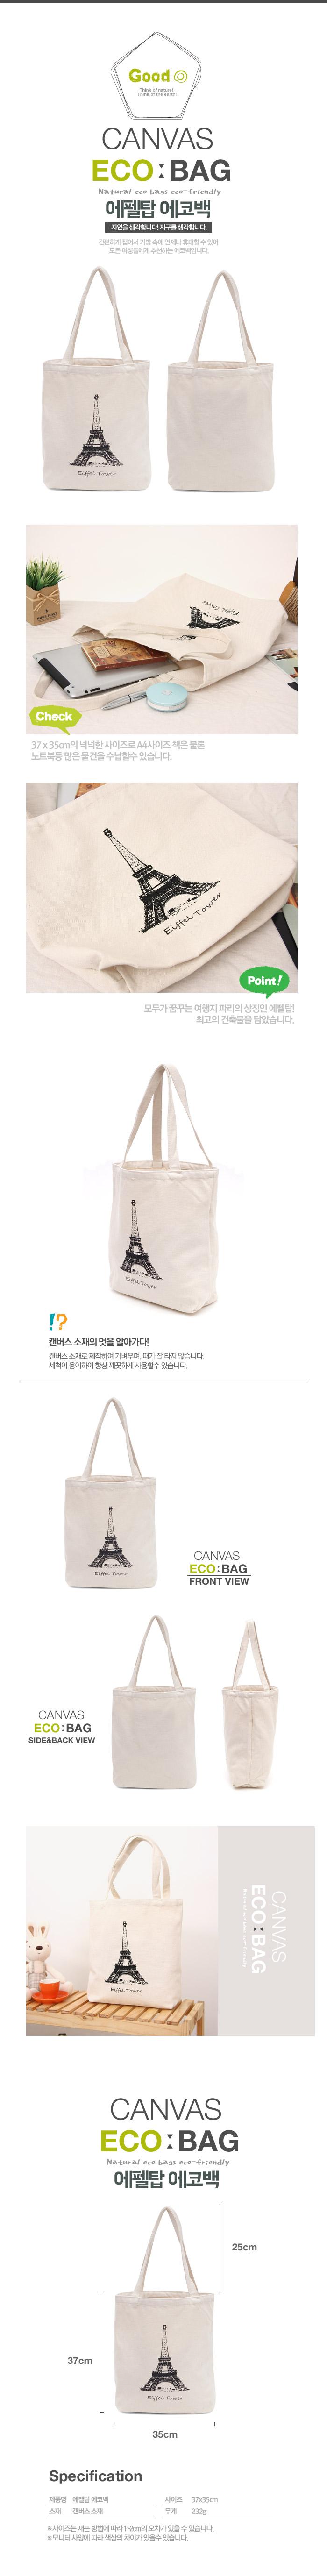 에펠탑 캔버스 에코백 - 디자인에버, 9,800원, 캔버스/에코백, 일러스트캔버스백